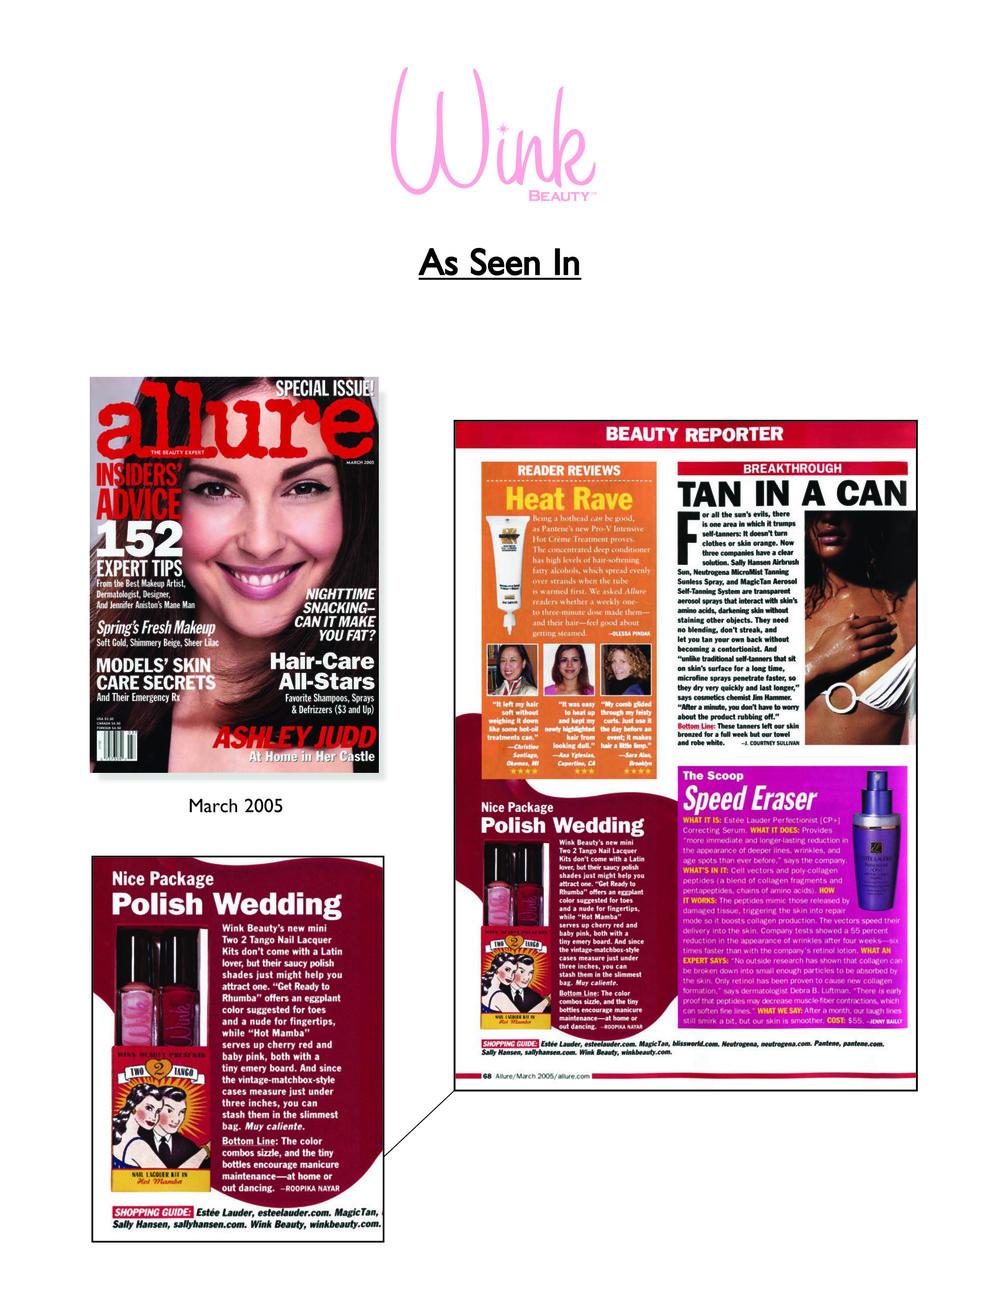 Allure magazine press mention